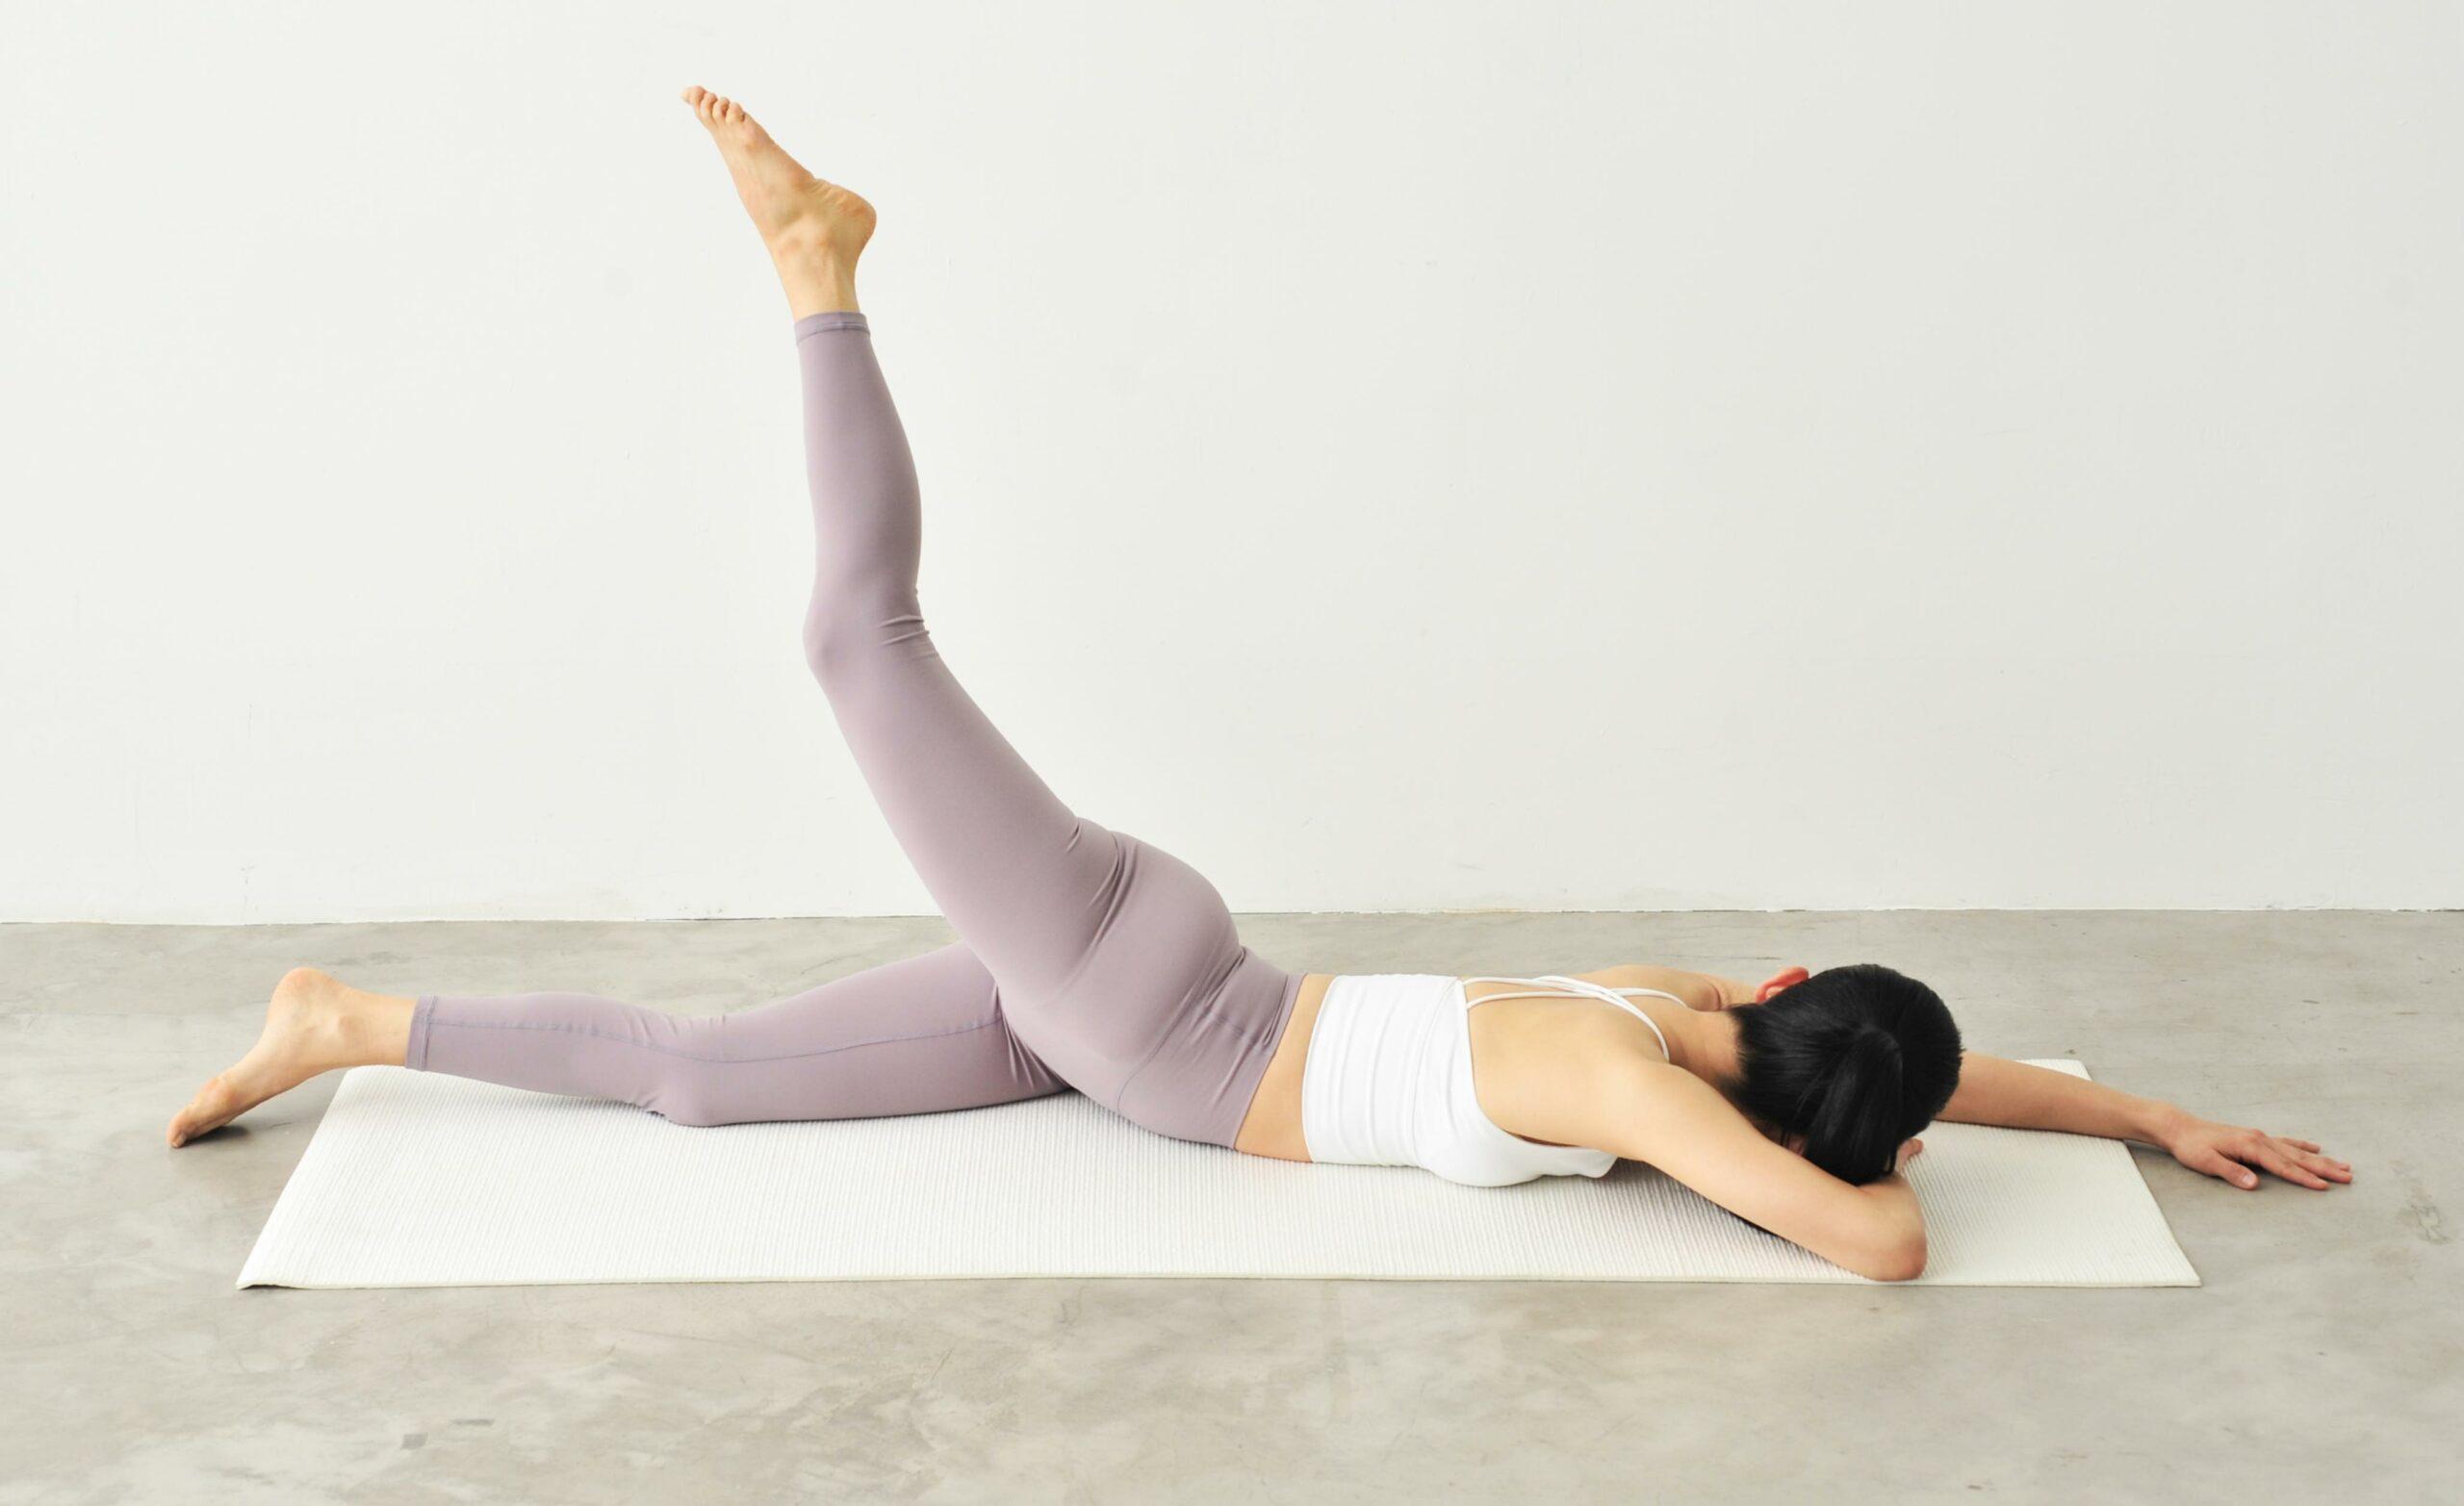 脚を上げて、体を左側に向けて伸ばす